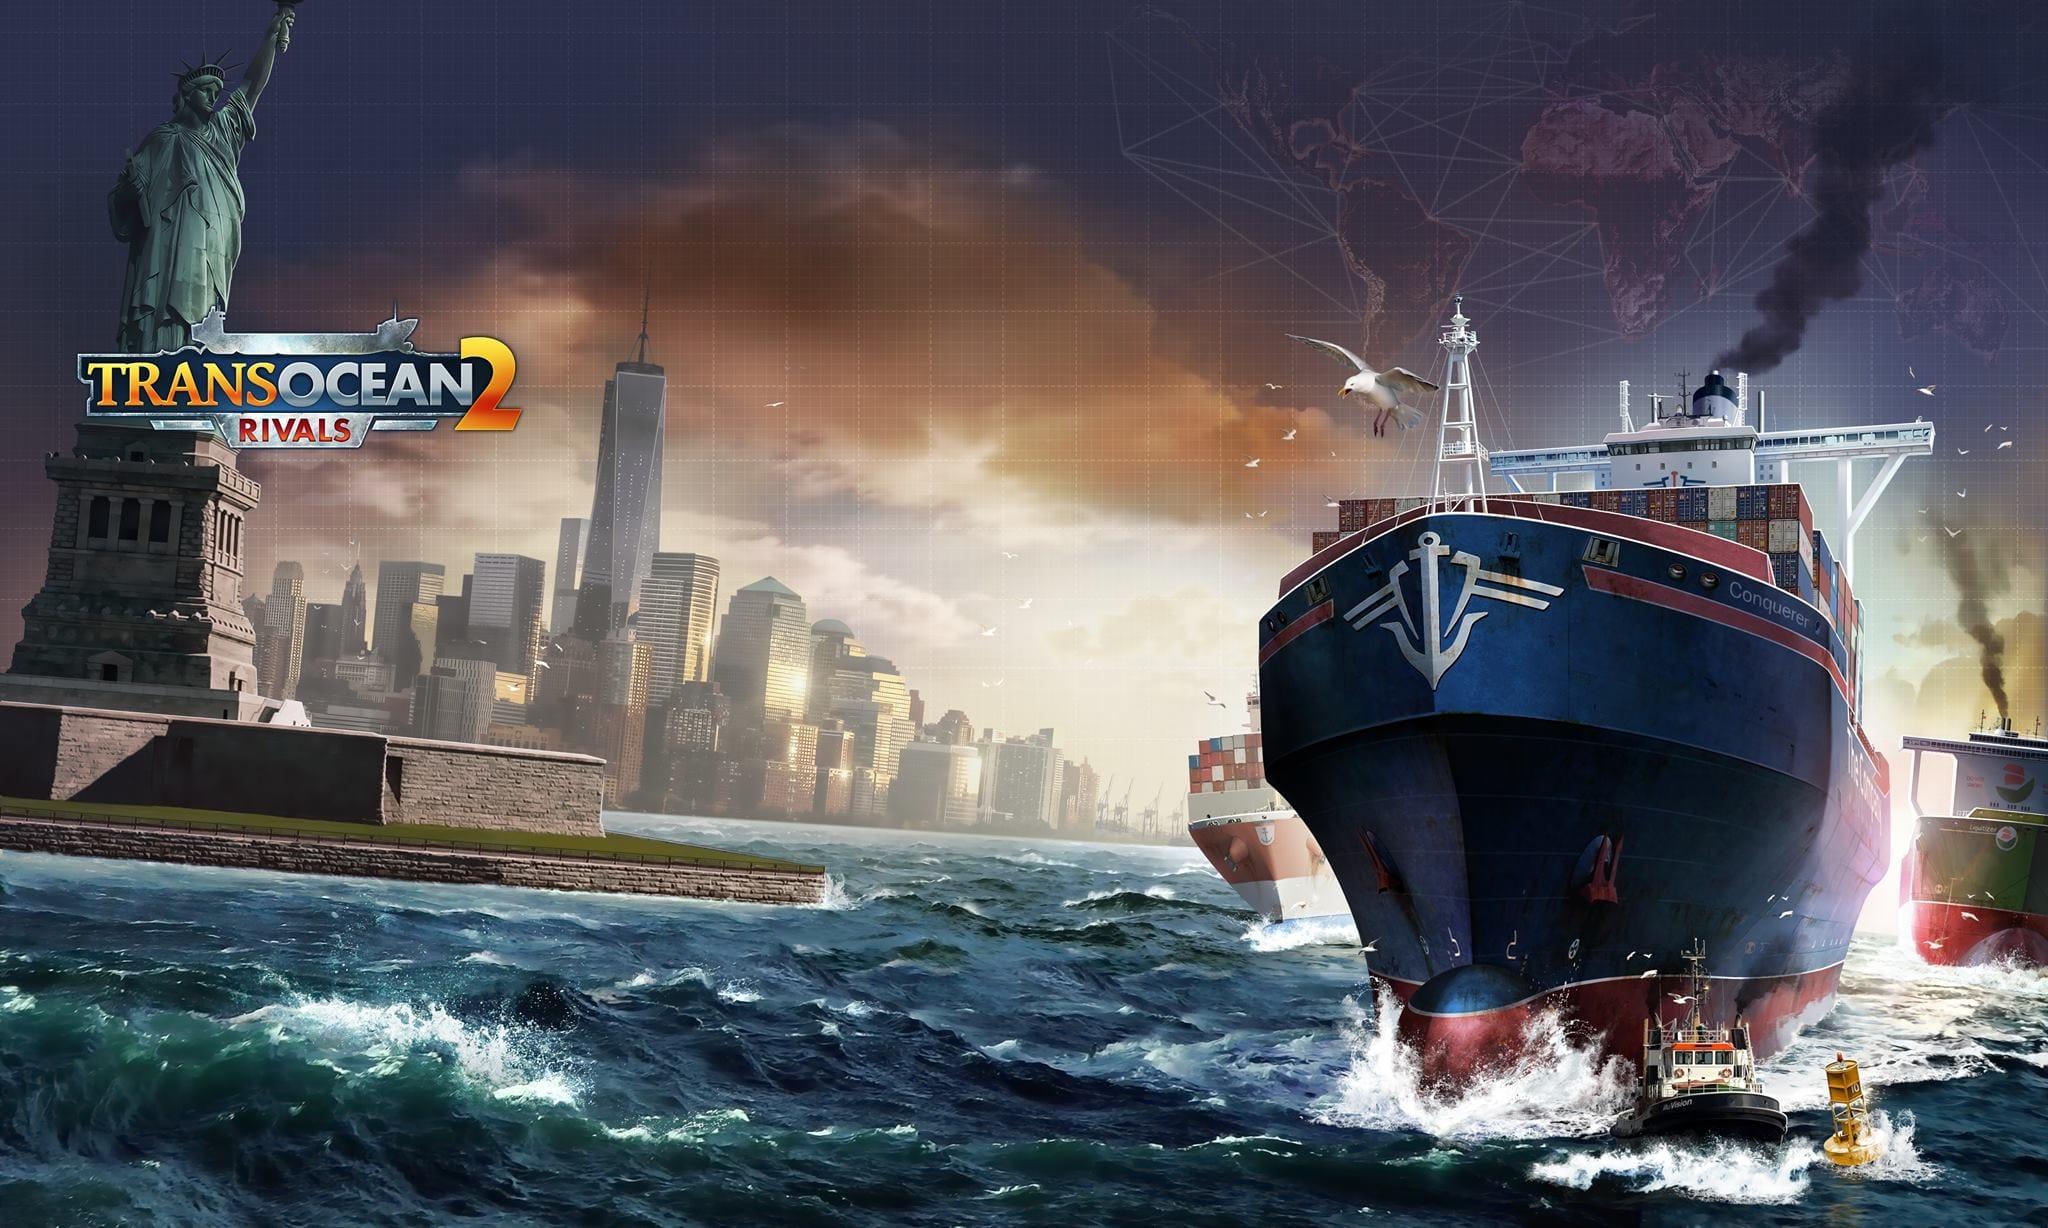 transocean2